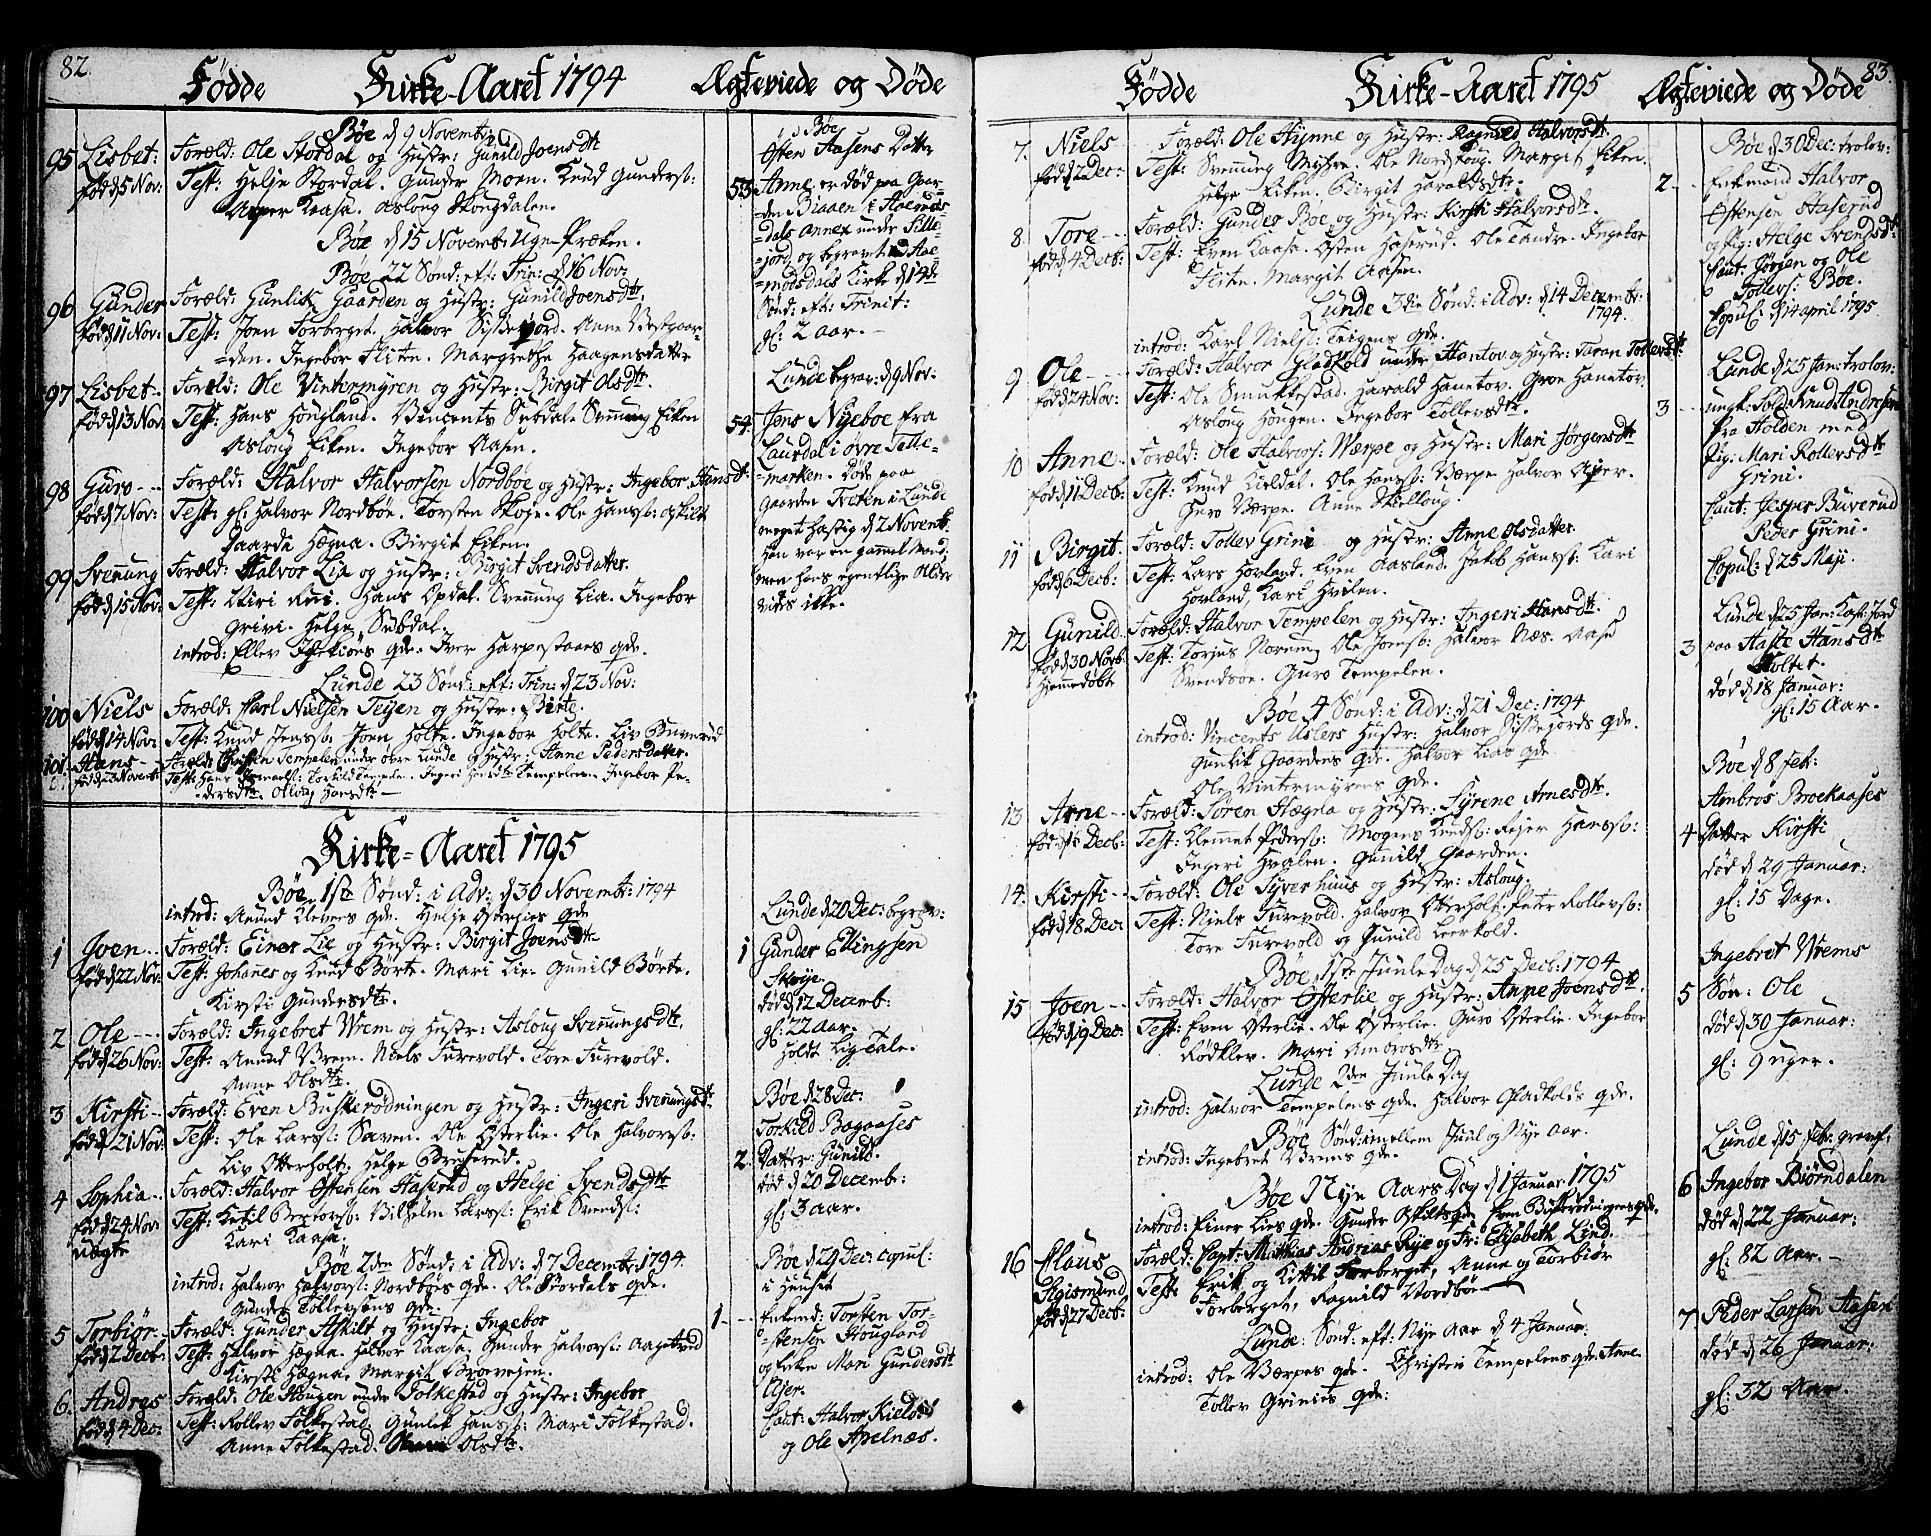 SAKO, Bø kirkebøker, F/Fa/L0005: Ministerialbok nr. 5, 1785-1815, s. 82-83